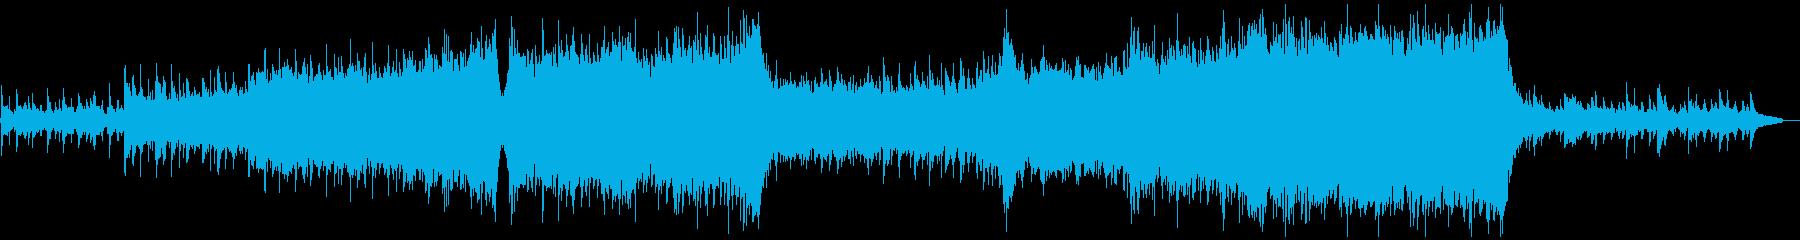 映像 動画 優しく情熱的で壮大な楽曲の再生済みの波形